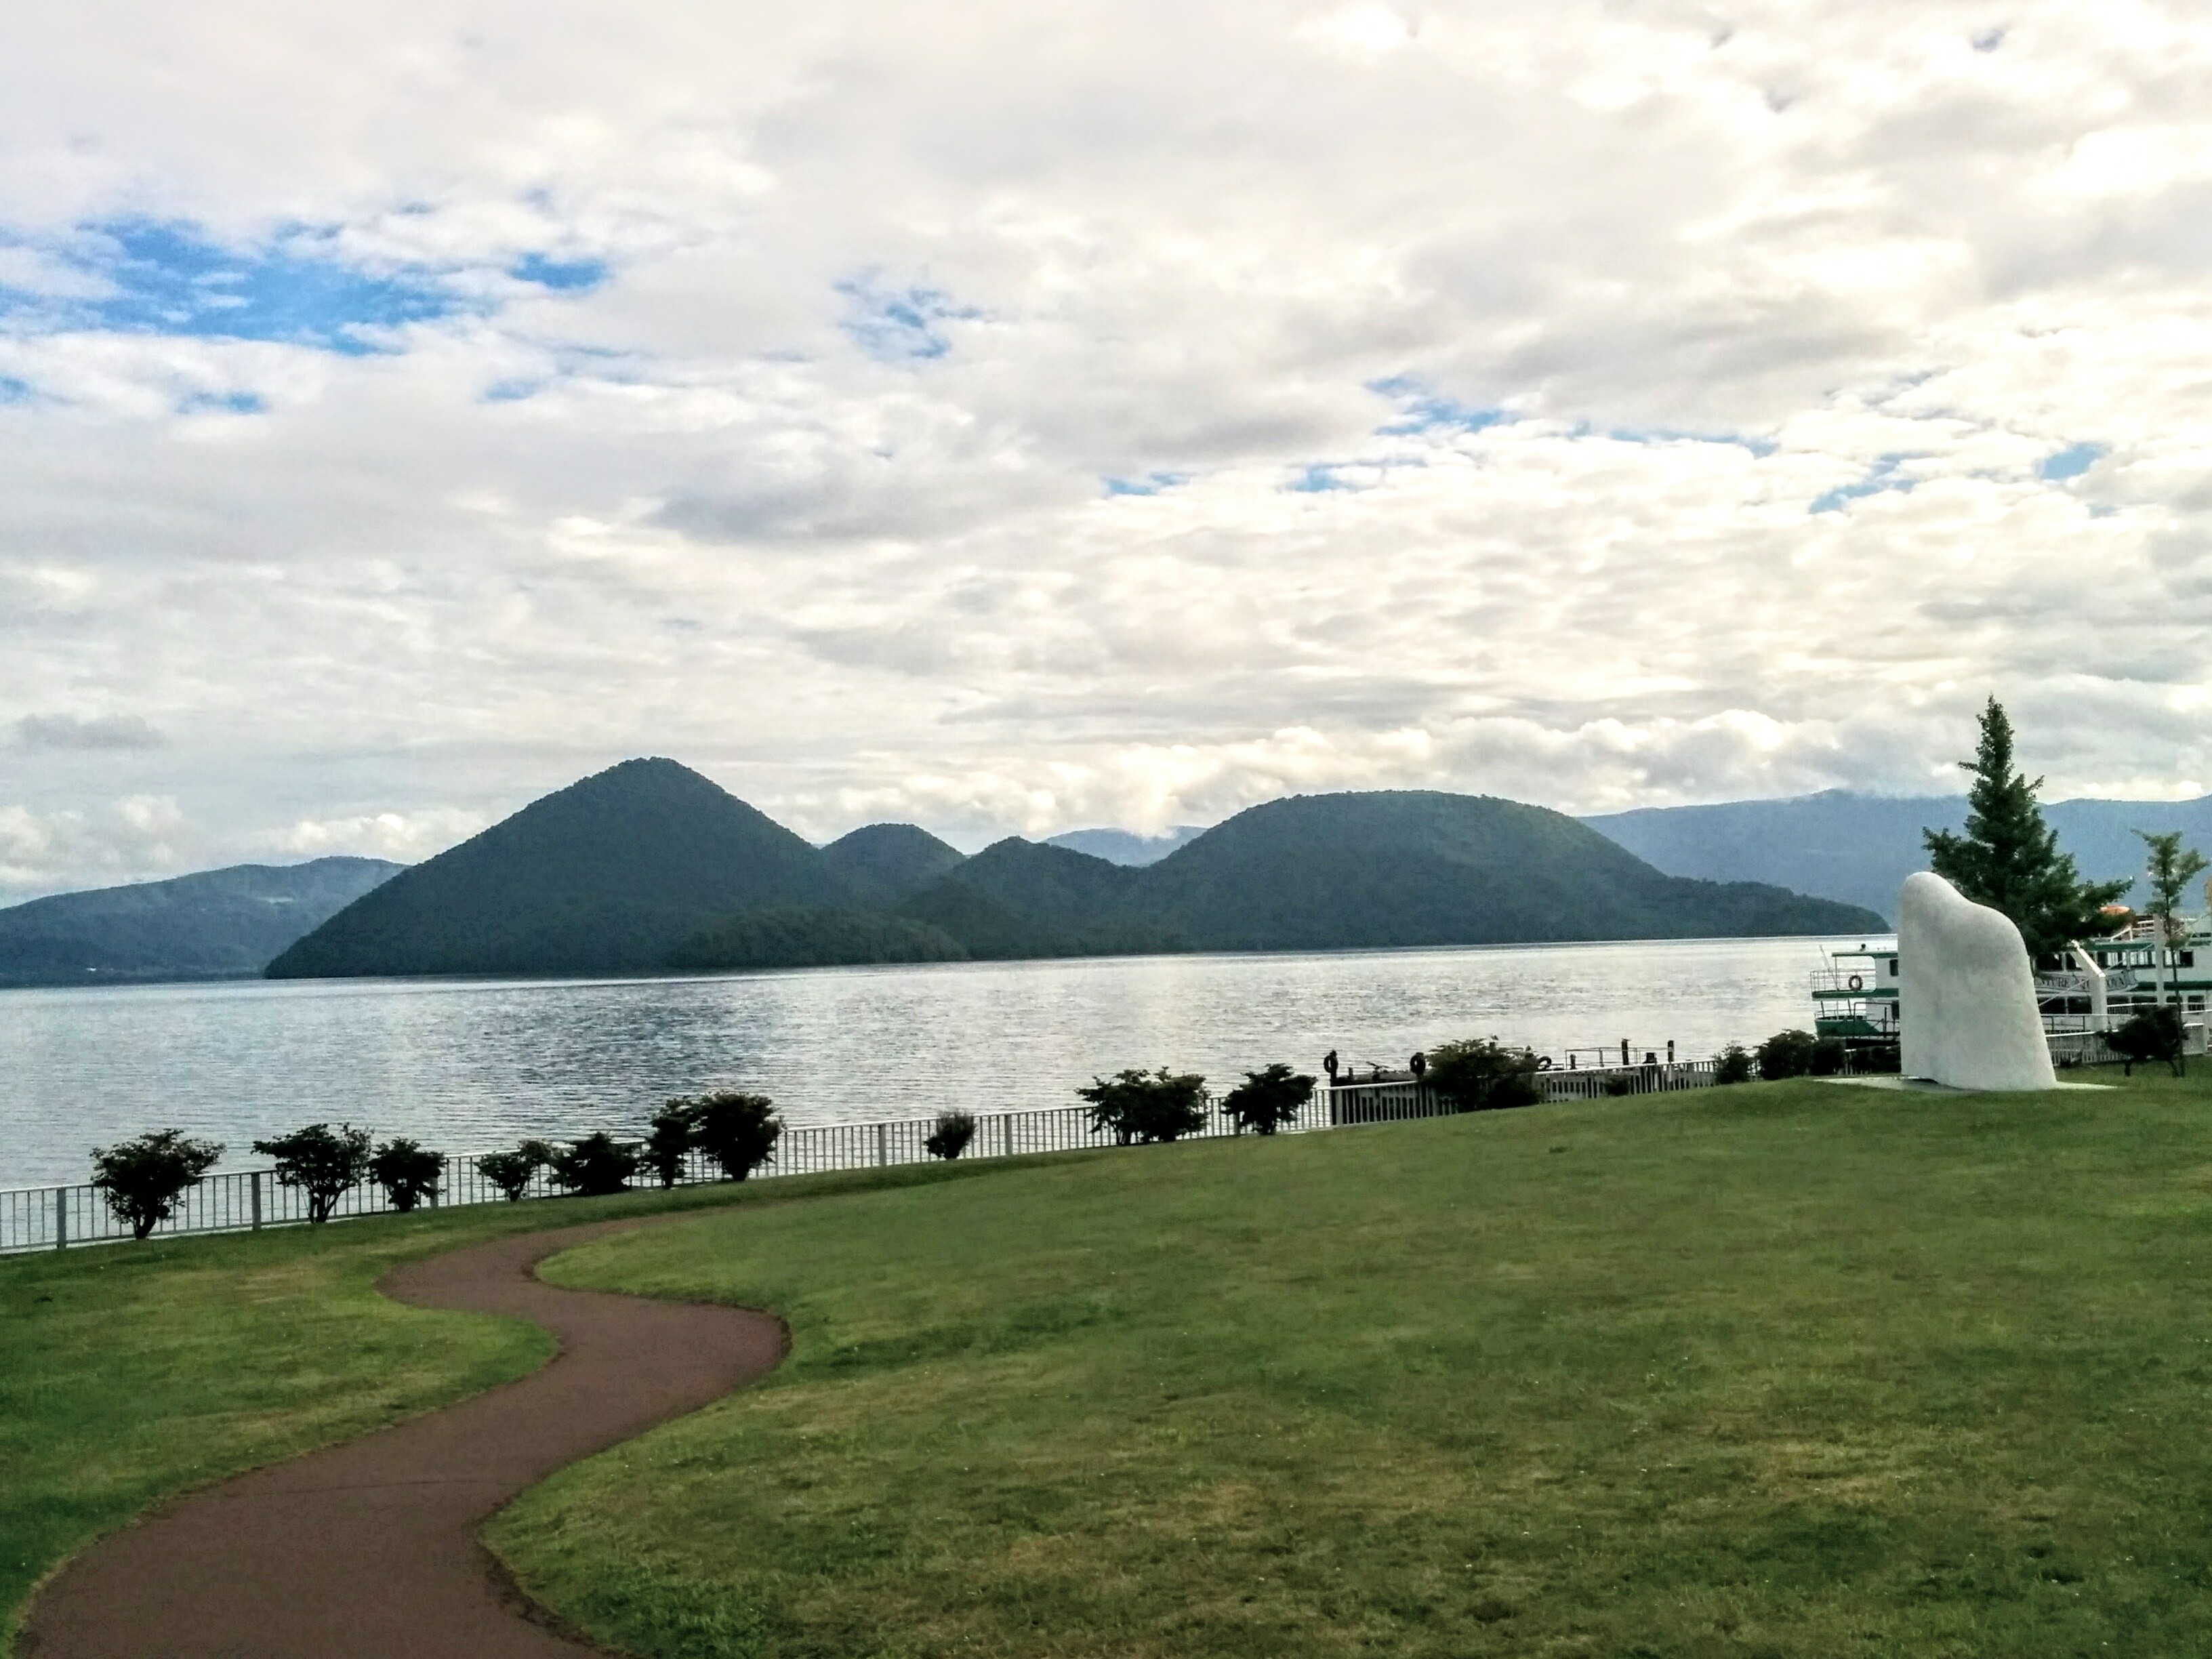 【洞爺湖】洞爺湖、朝の散歩で~す。